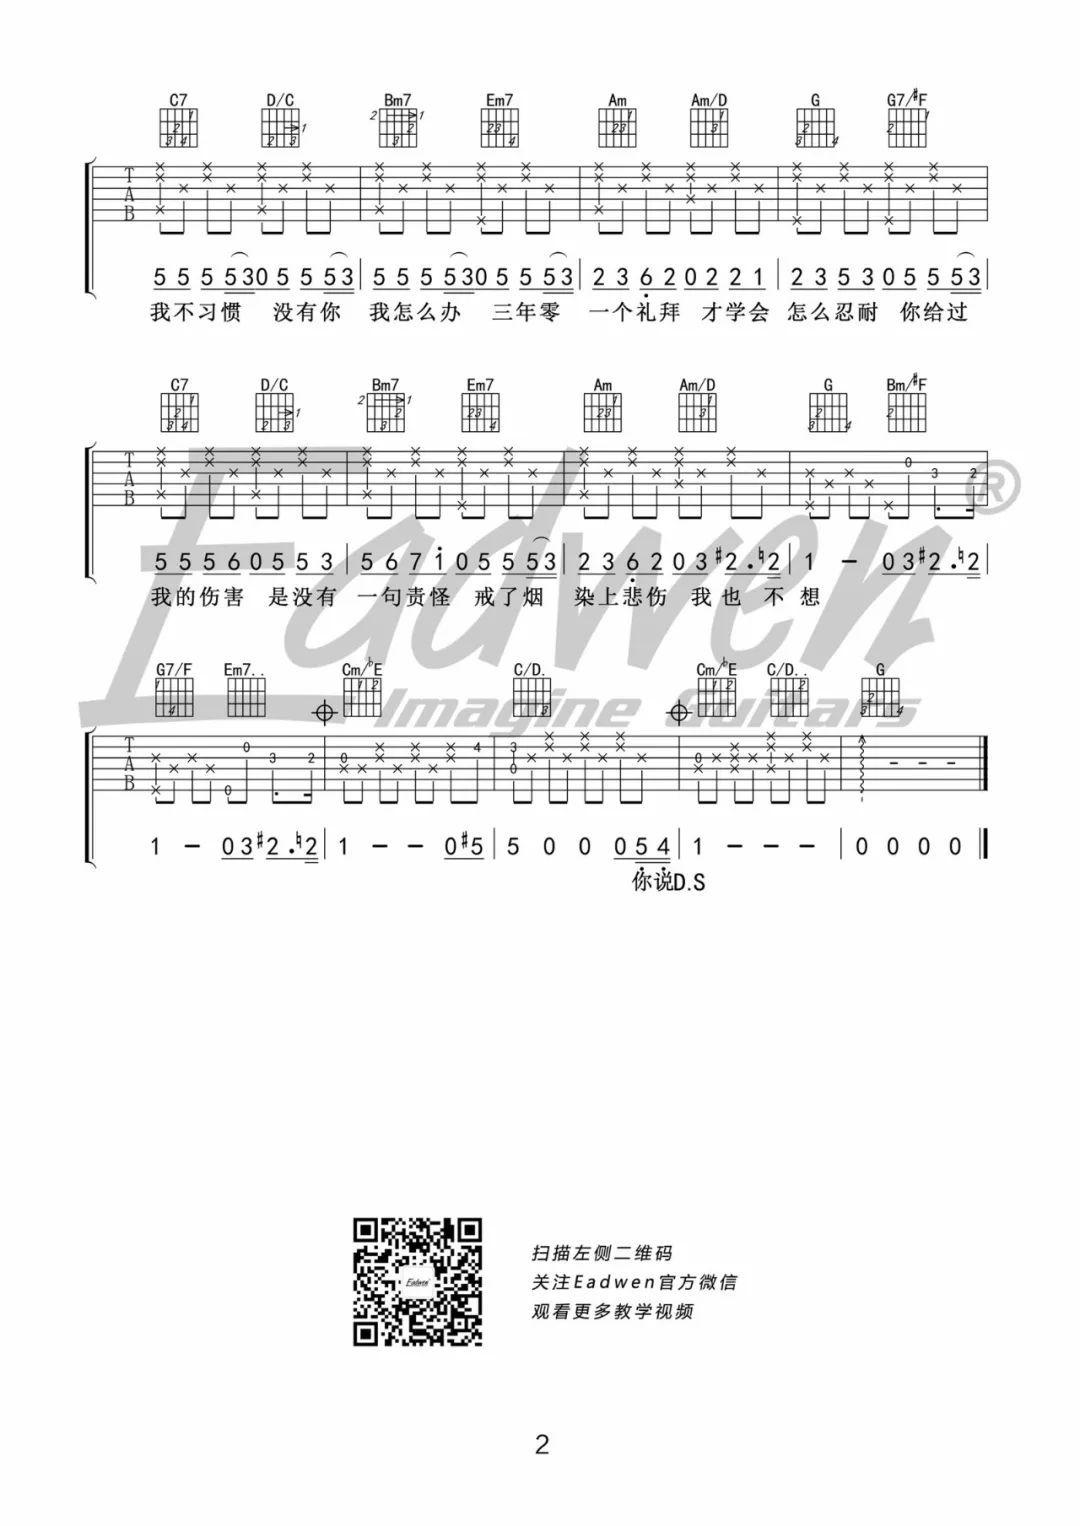 李荣浩—《戒烟》吉他教学 吉他谱—爱德文吉他教室(27)